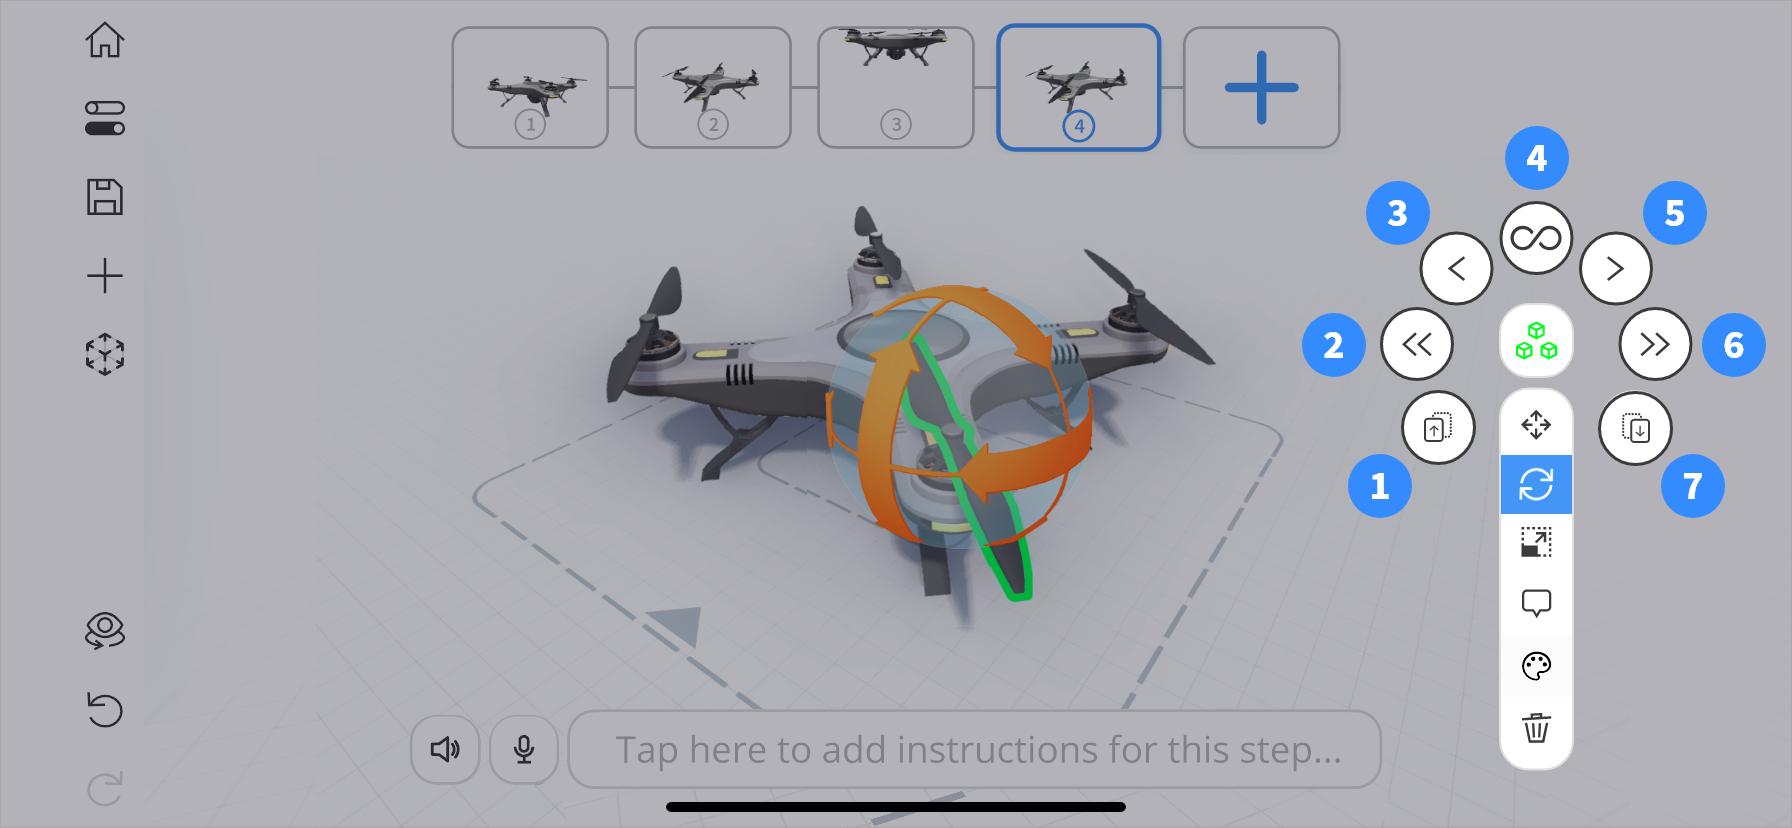 Opened replicate tool in JigSpace app